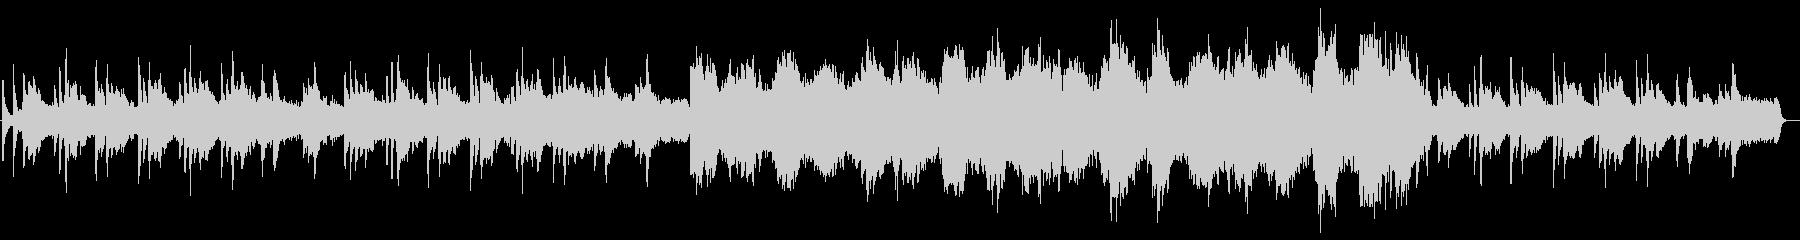 ピアノとストリングスの悲しいアンビエントの未再生の波形